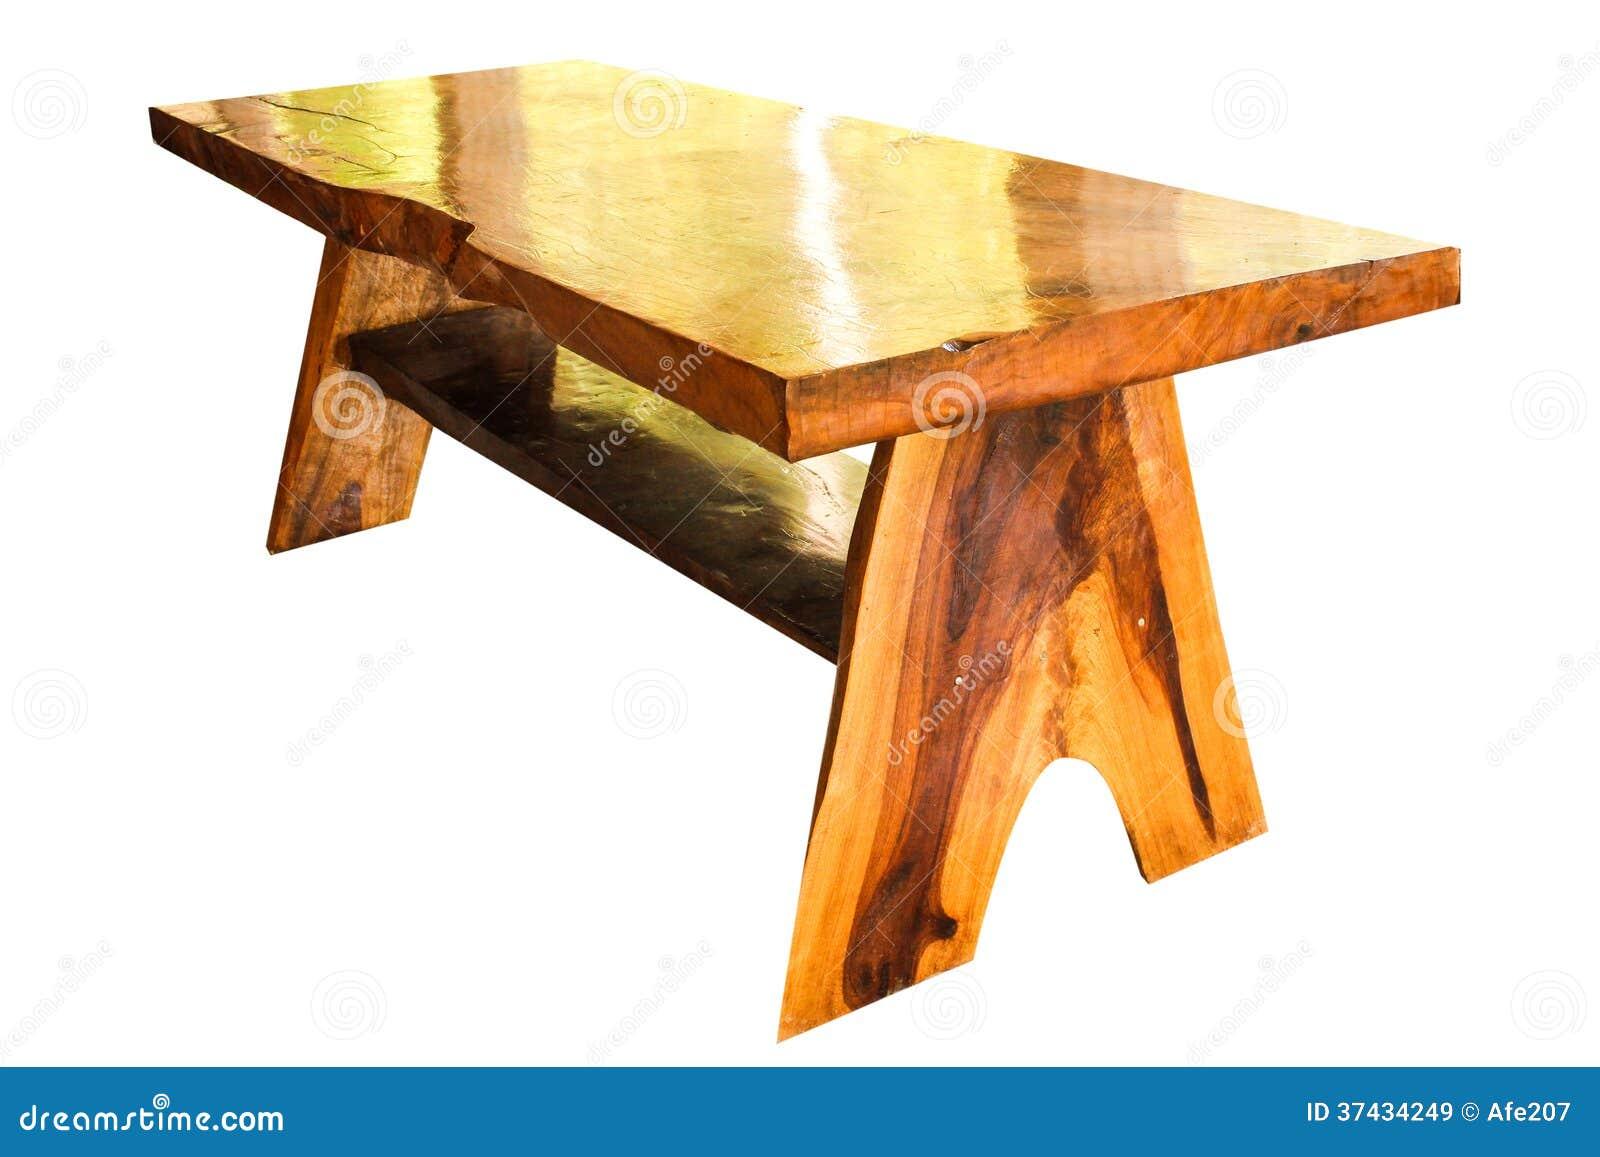 Aislante de madera de la teca del modelo de los muebles for Muebles madera teca